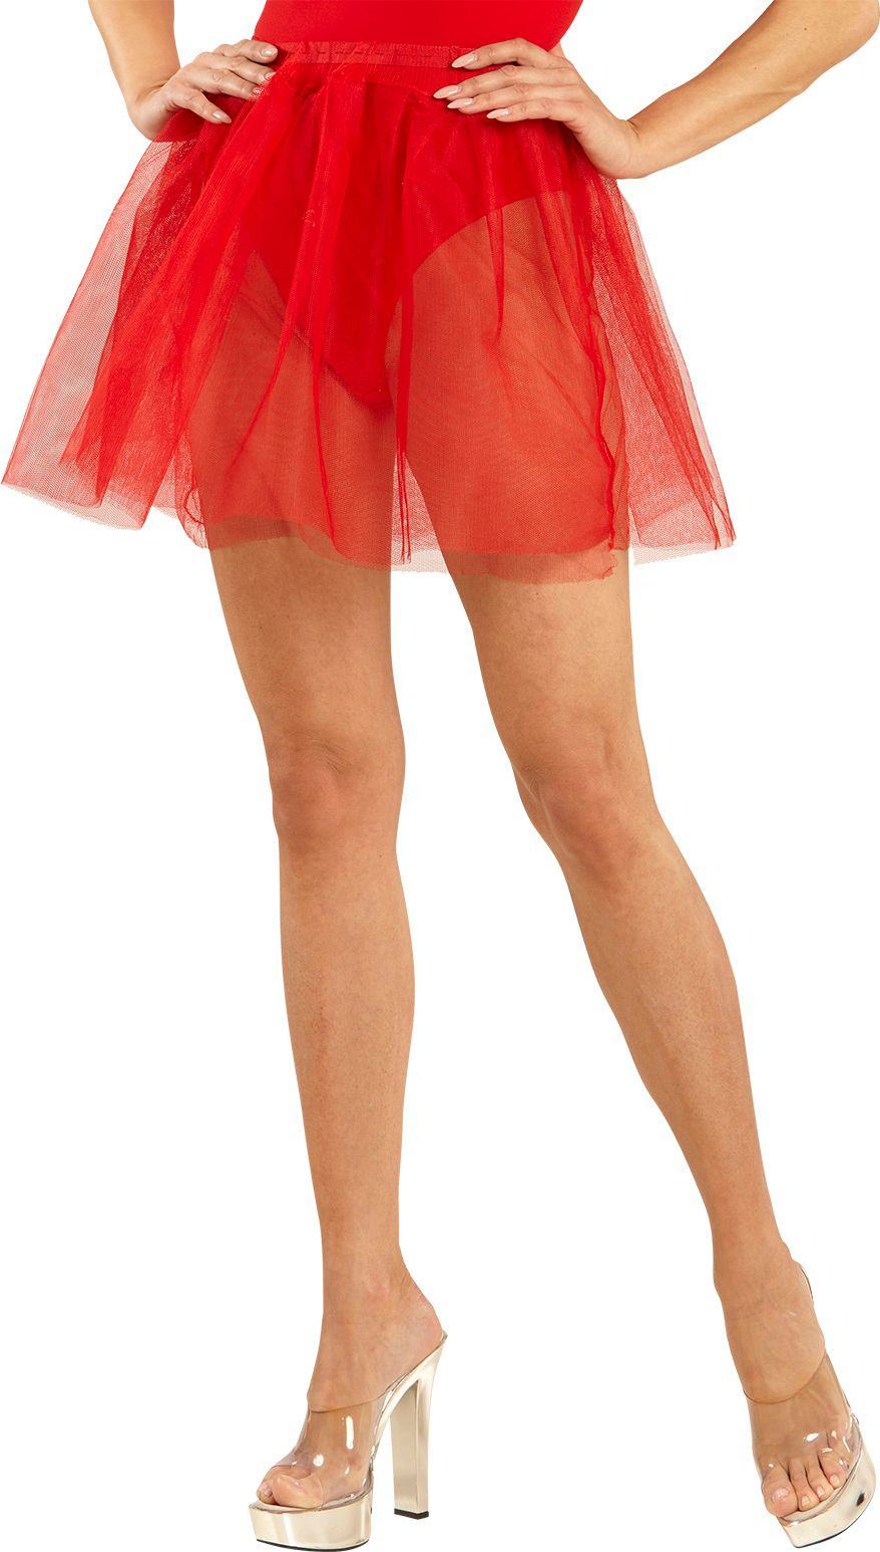 Danseres petticoat rood One-size-volwassenen